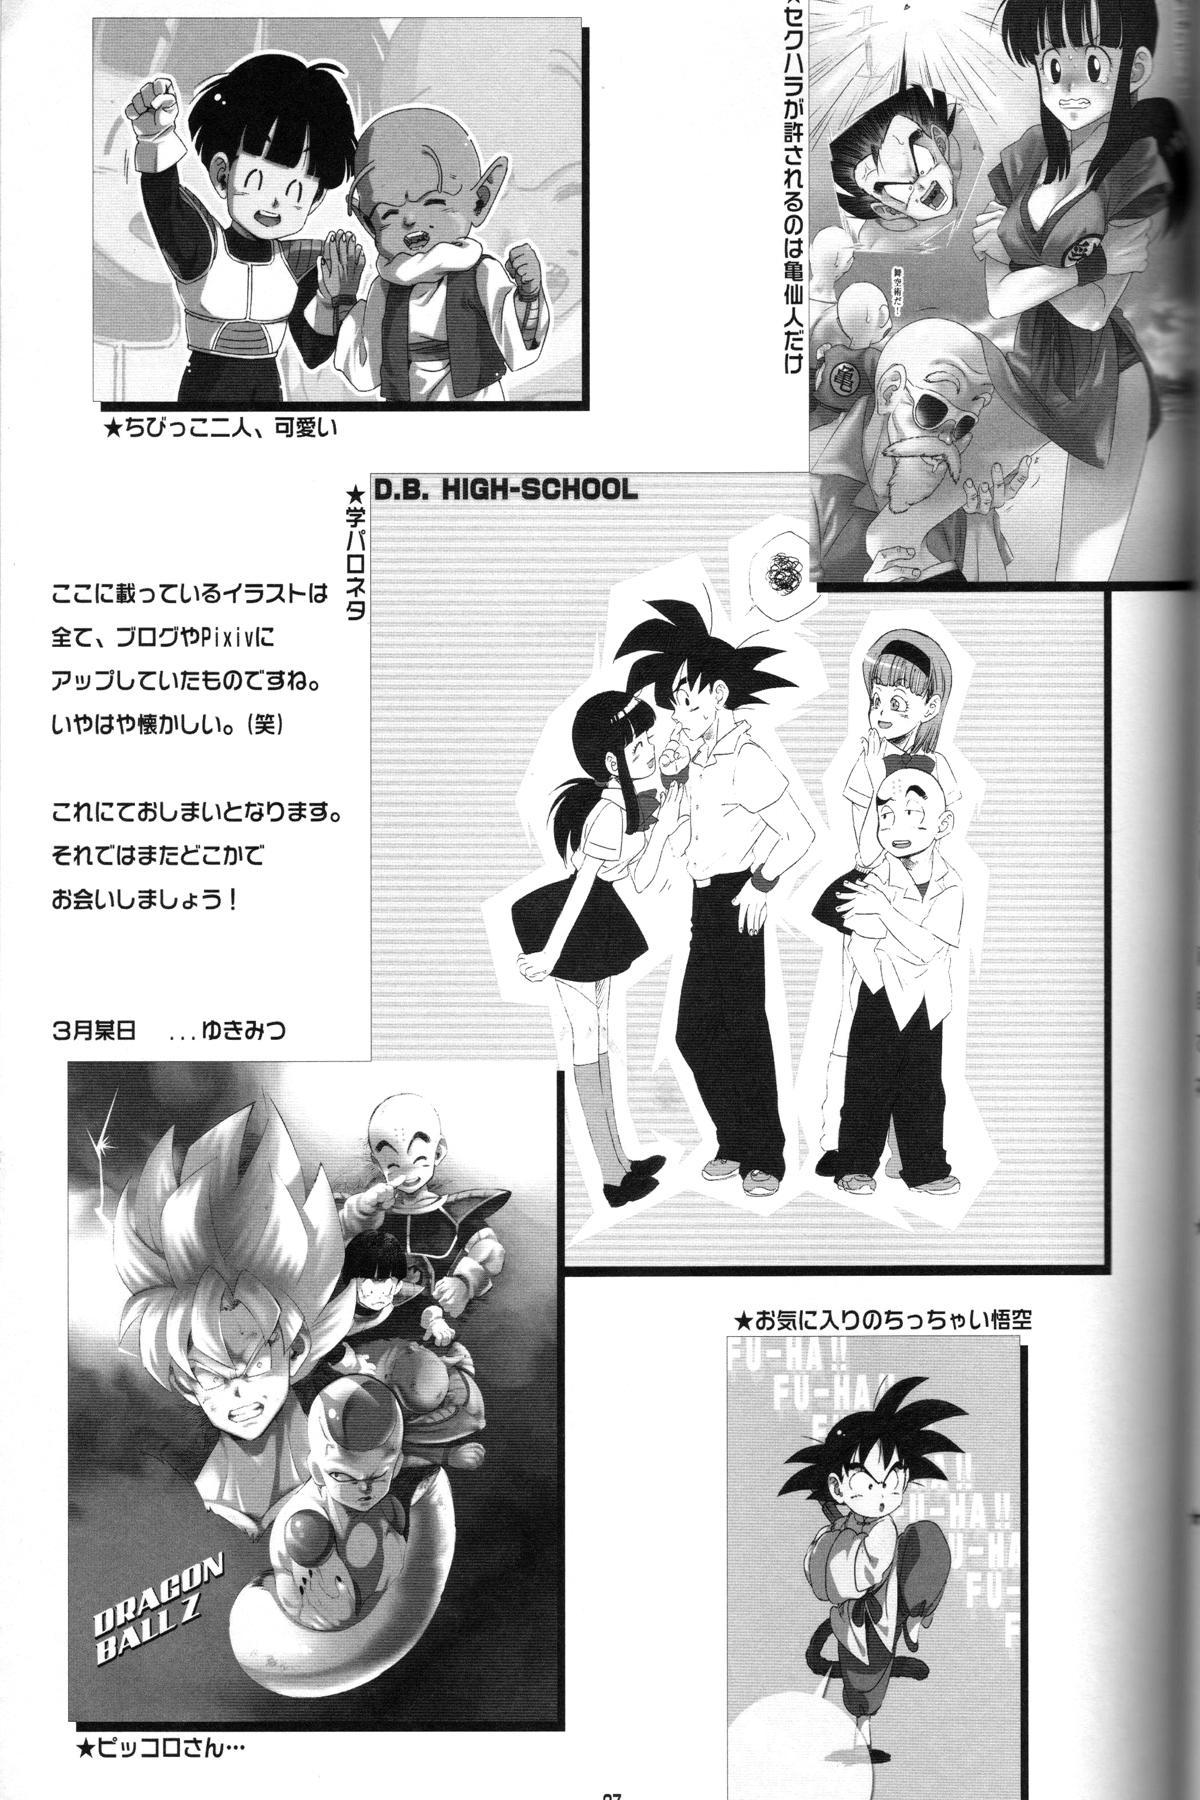 Shinmai Teishu to Koinyobo Z 35